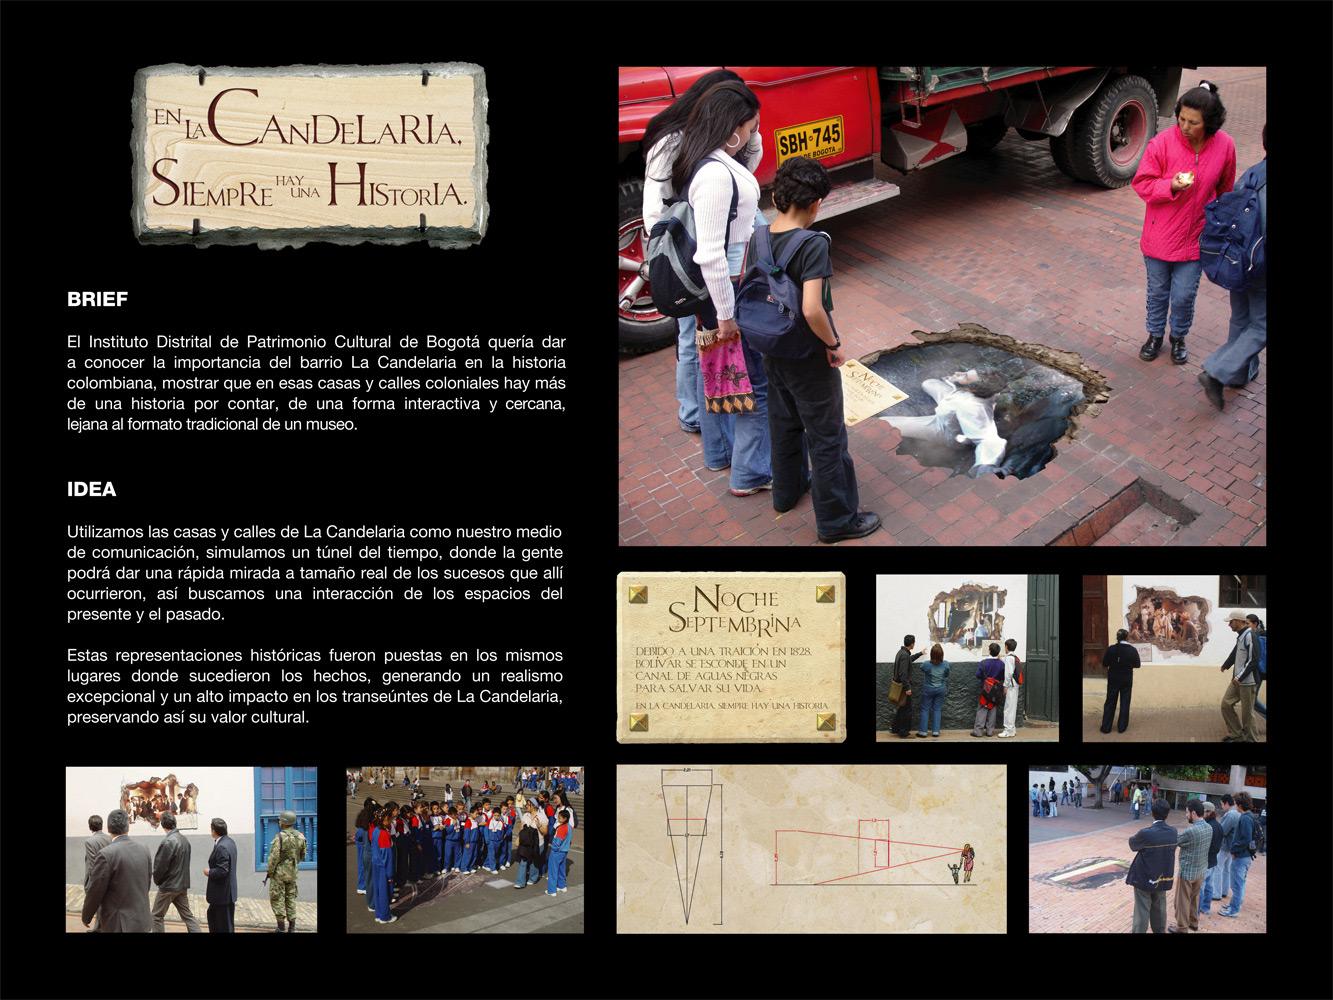 12-28-Guerilla_Patrimonio1.jpg